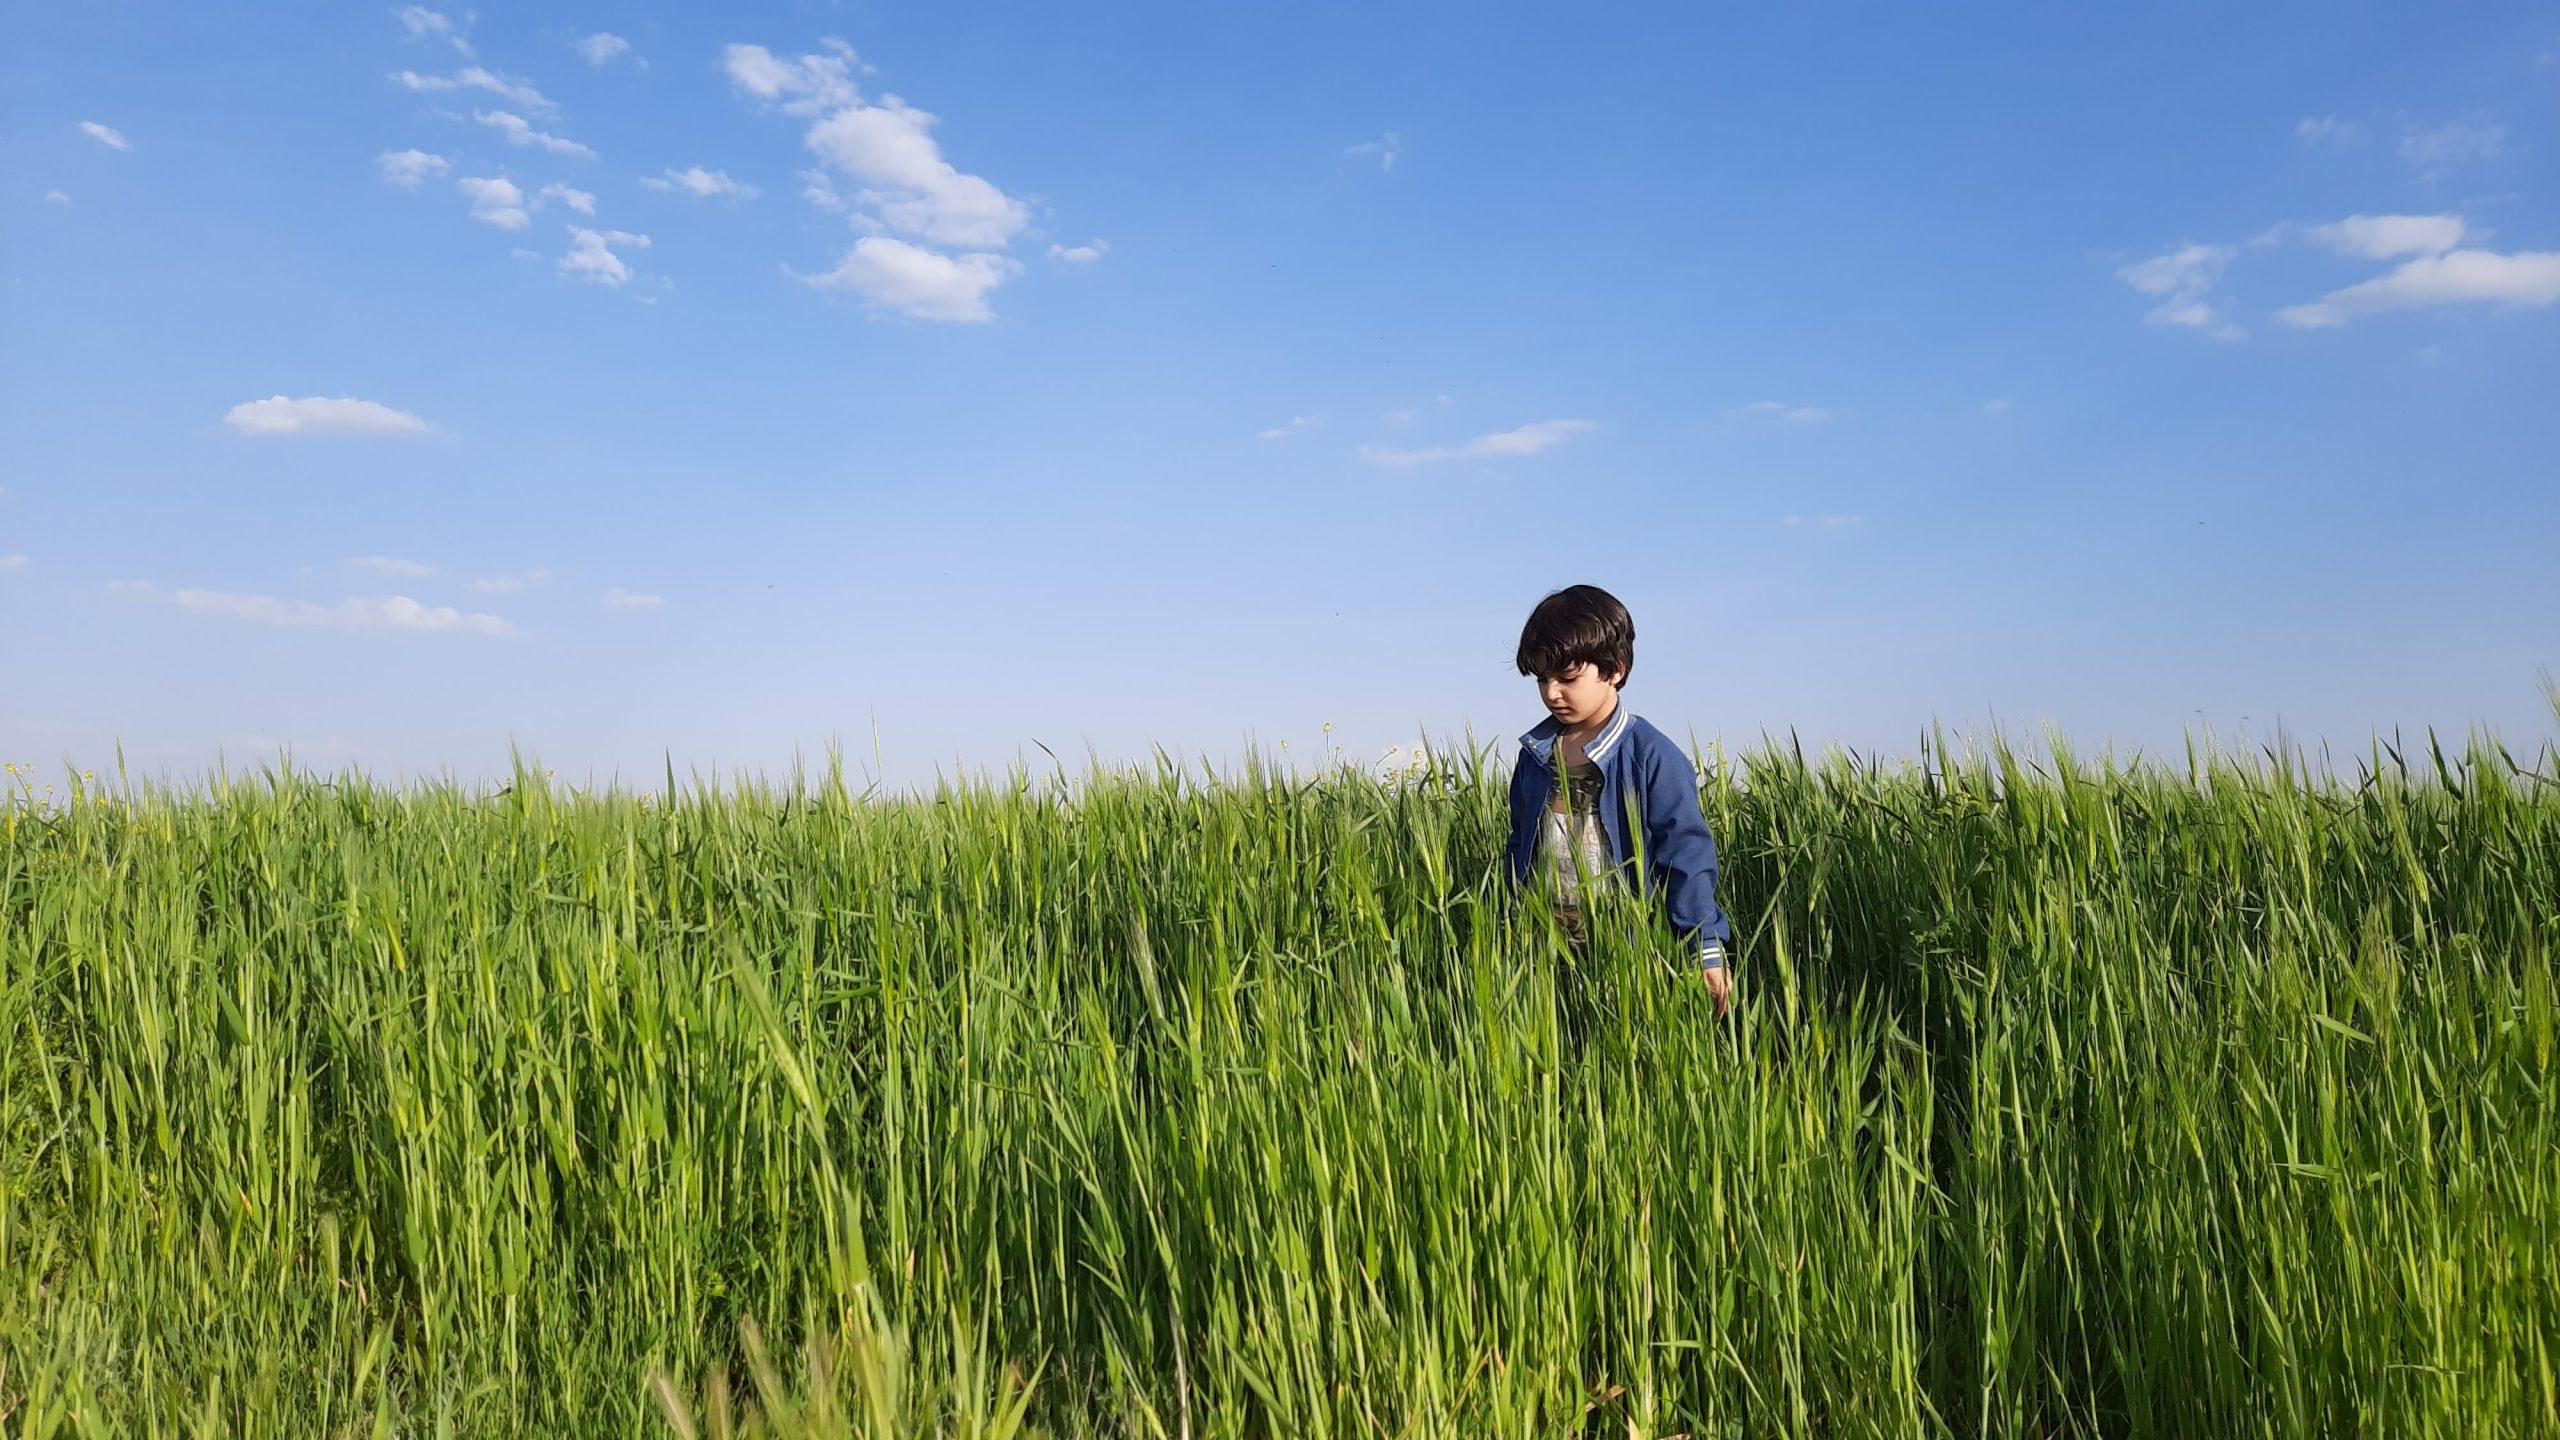 Ces 3 intervenants veulent mettre fin au travail des enfants en agriculture